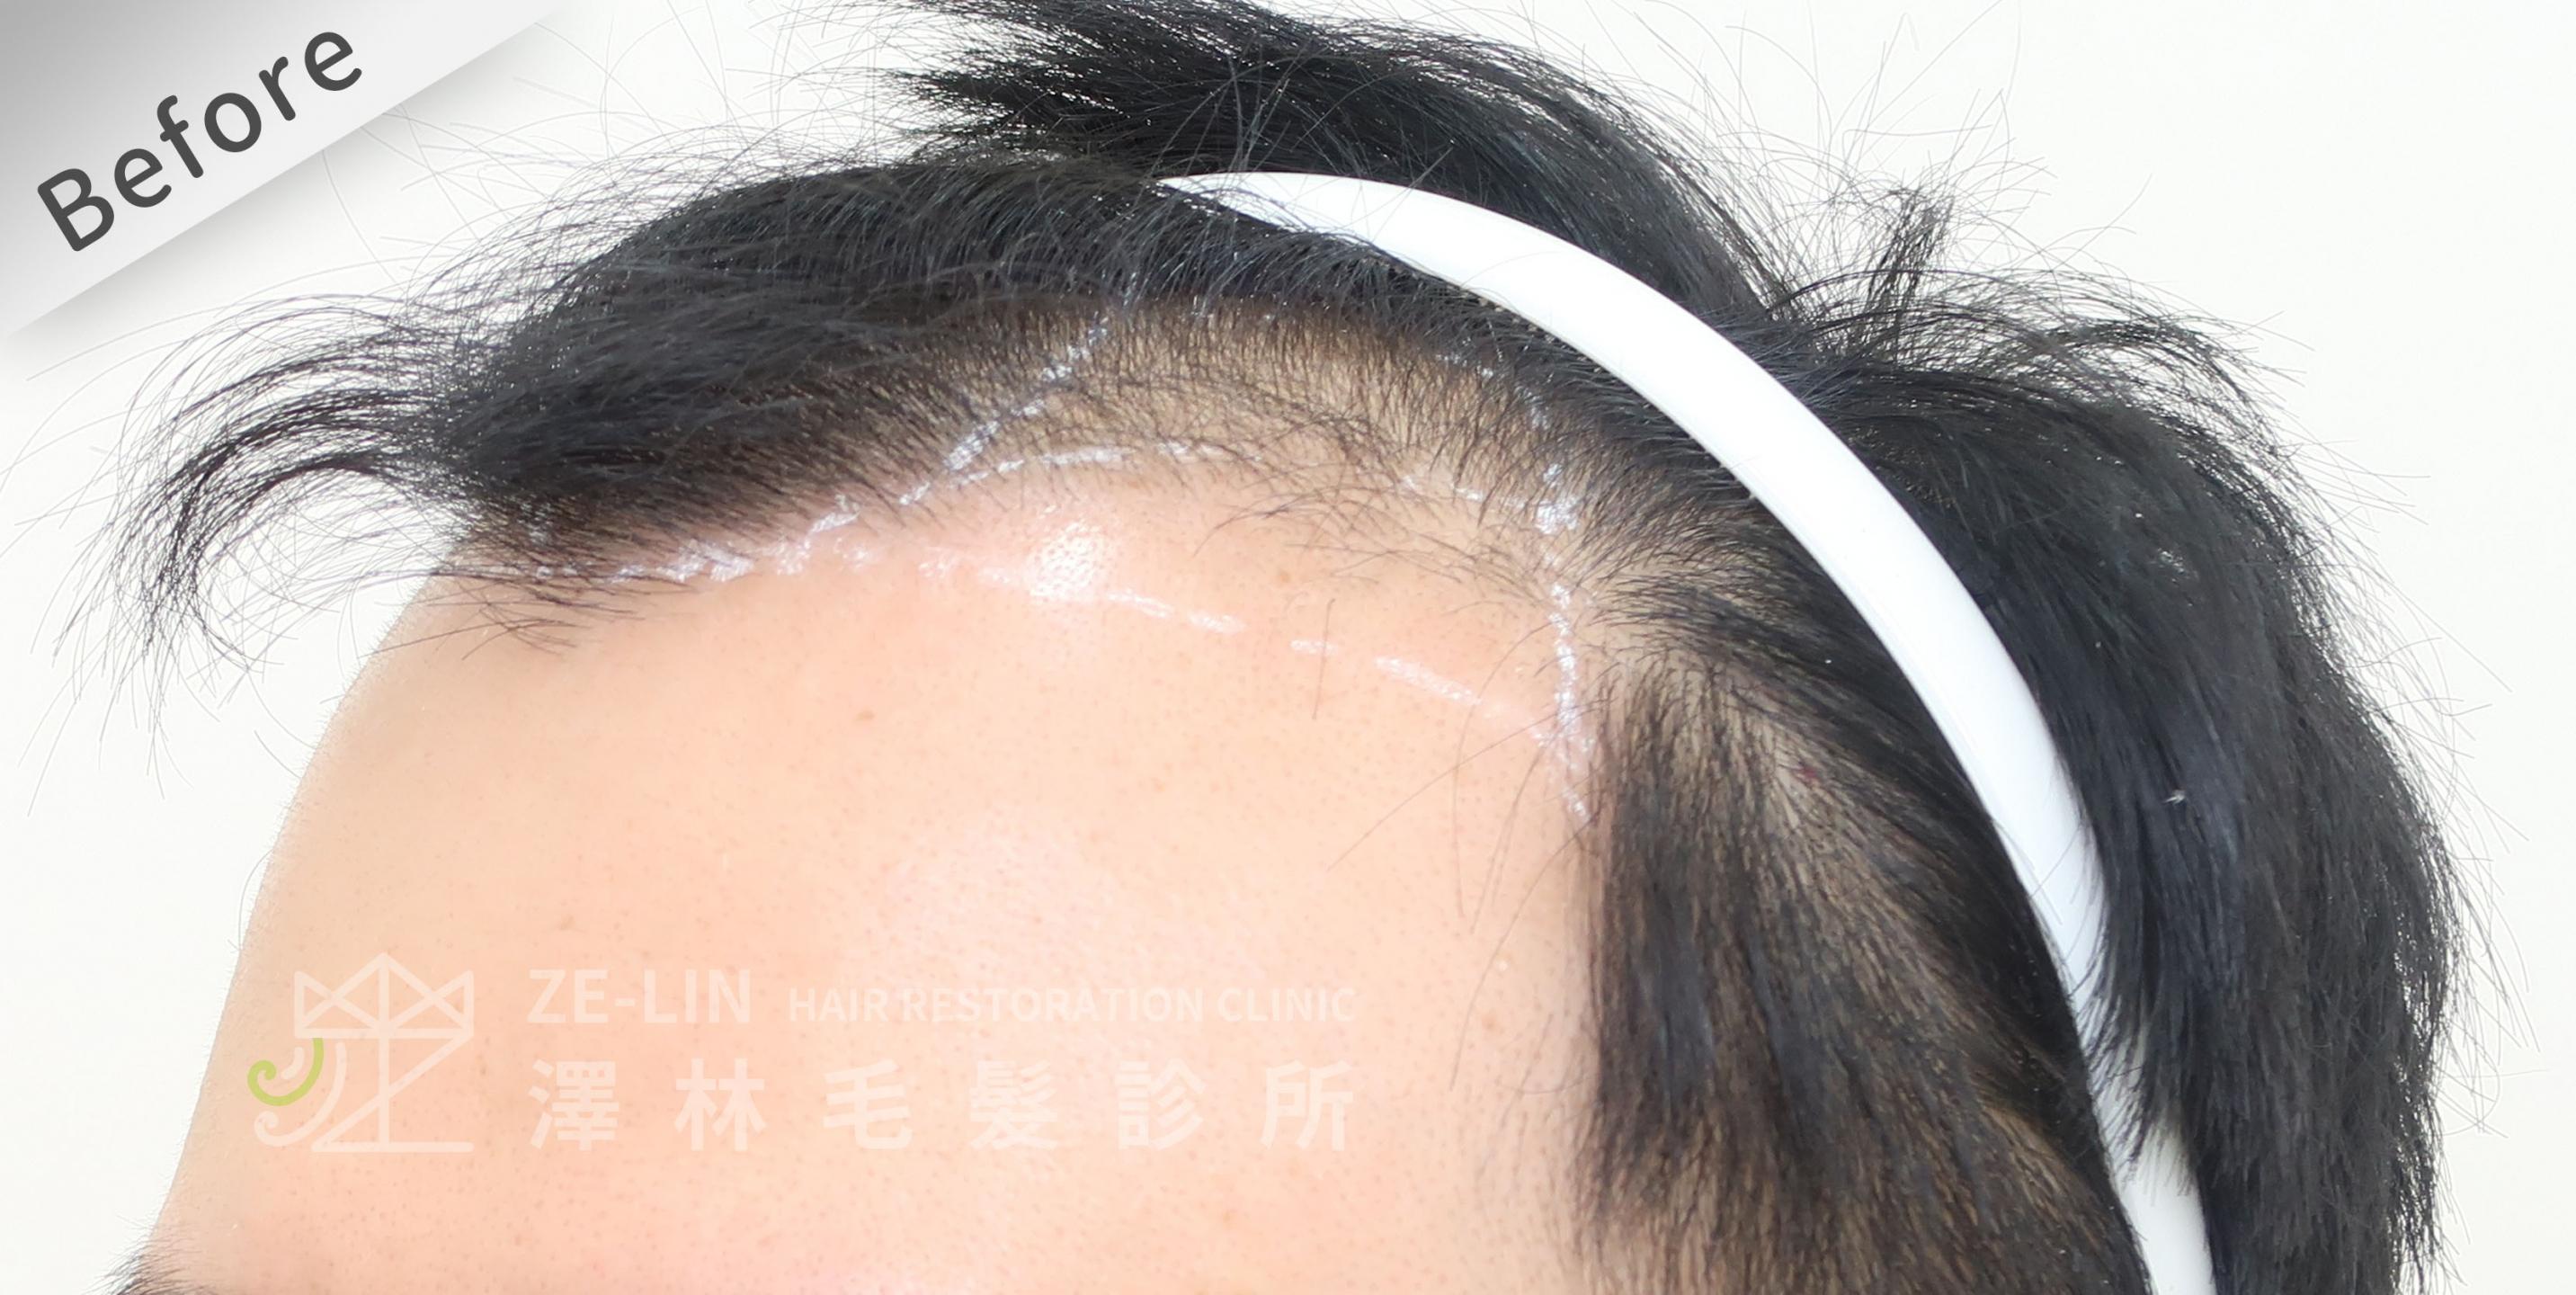 M型禿植髮推薦案例心得分享術前11-3